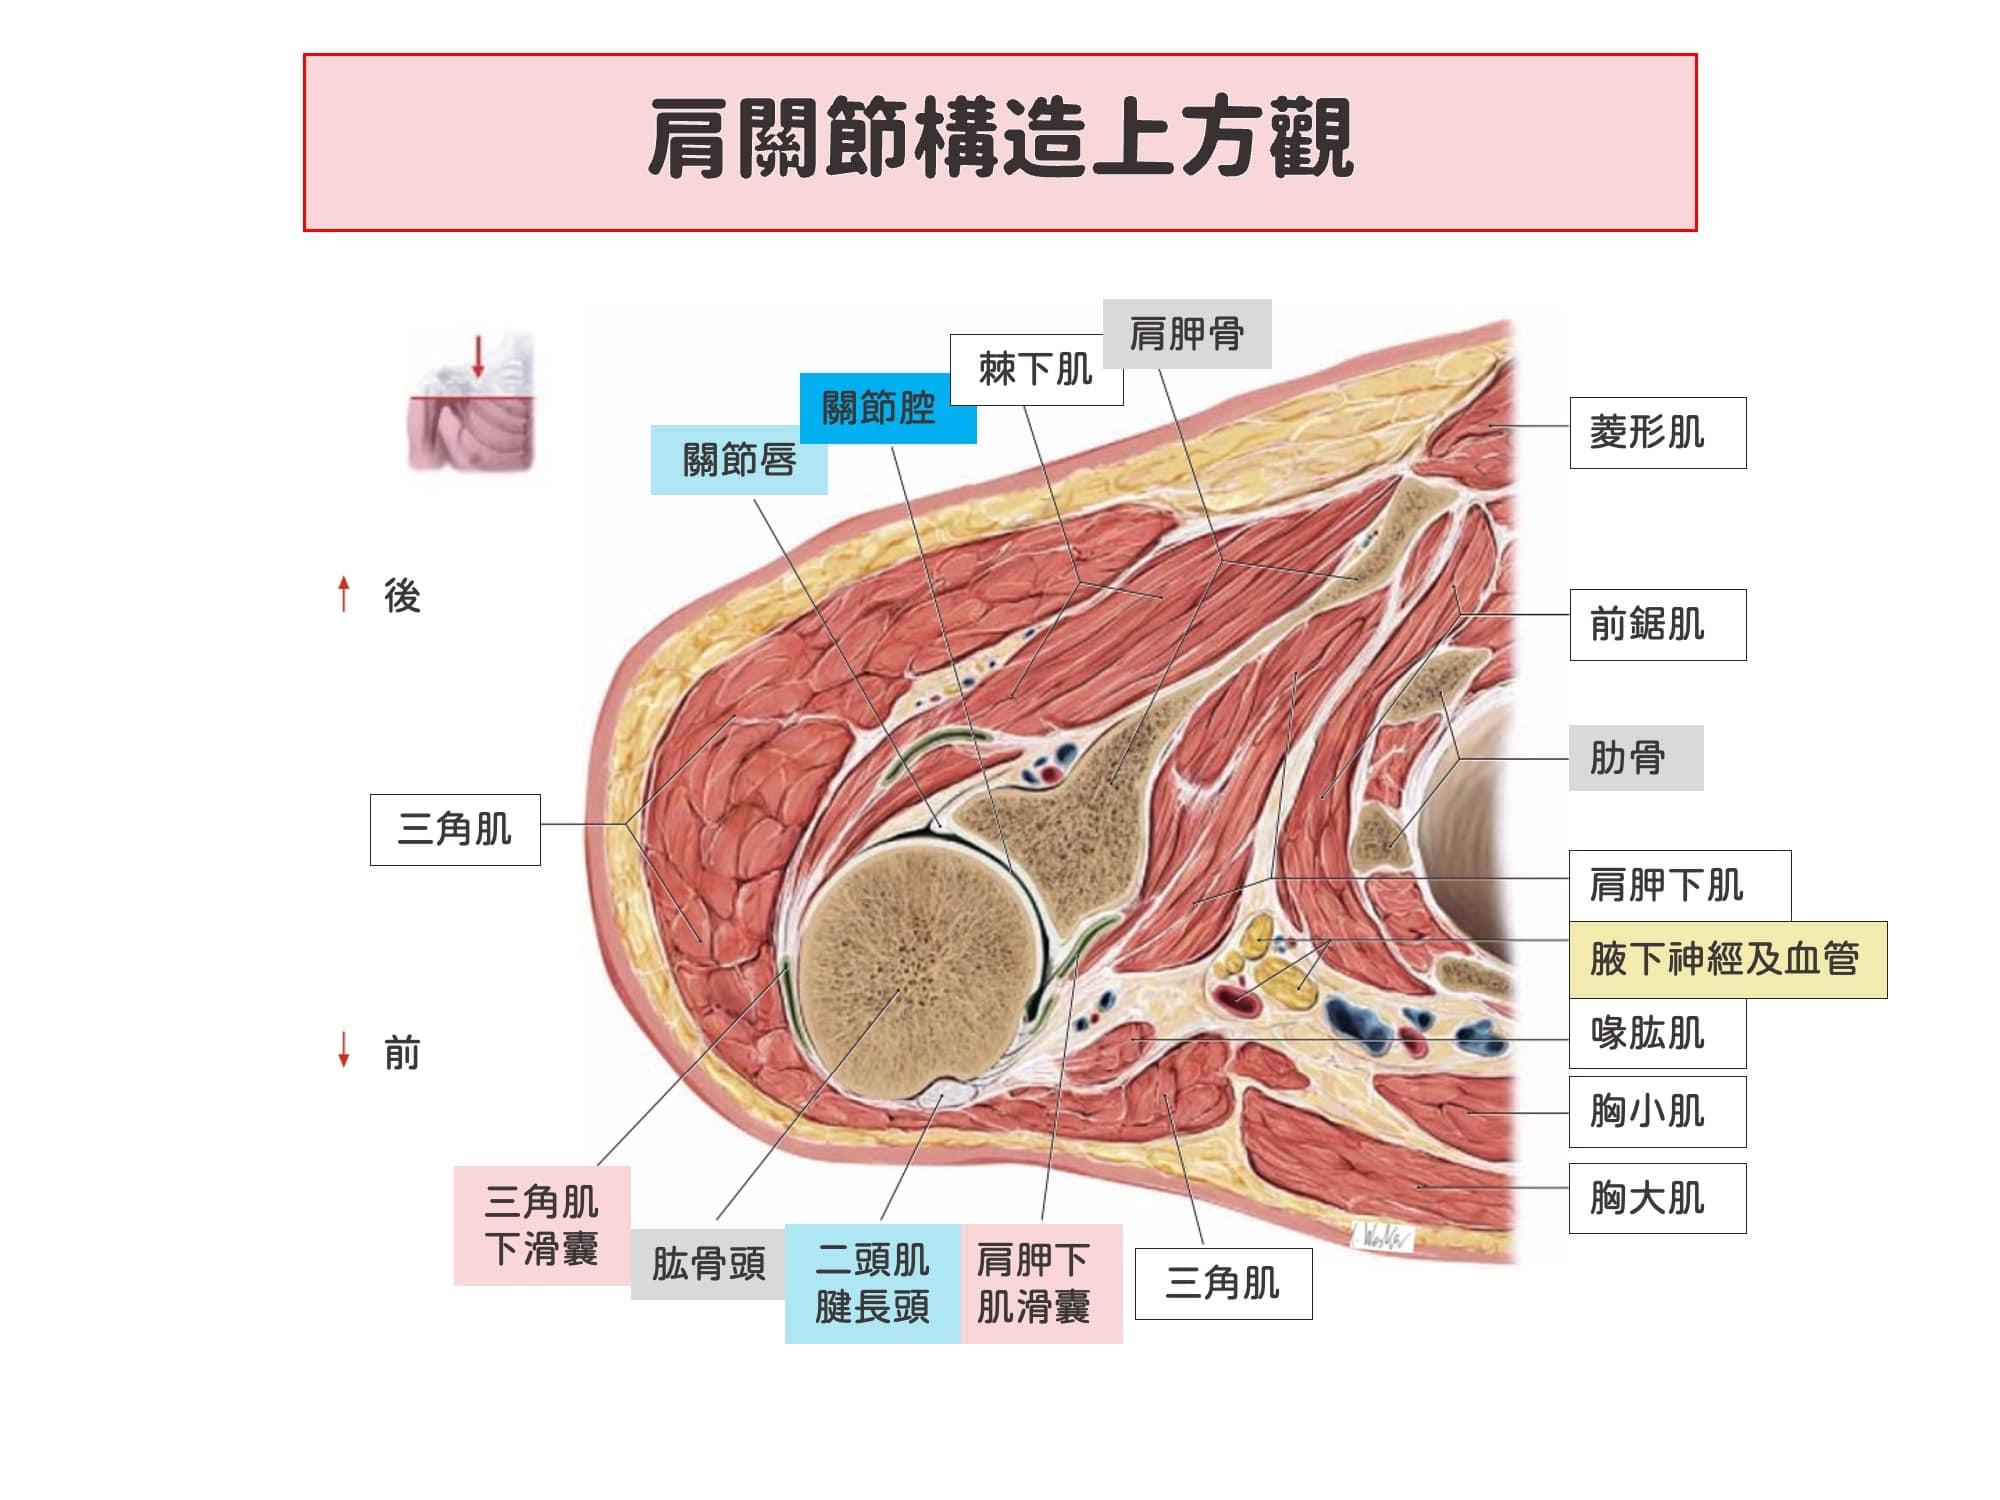 肩關節構造-肩膀酸痛原因3